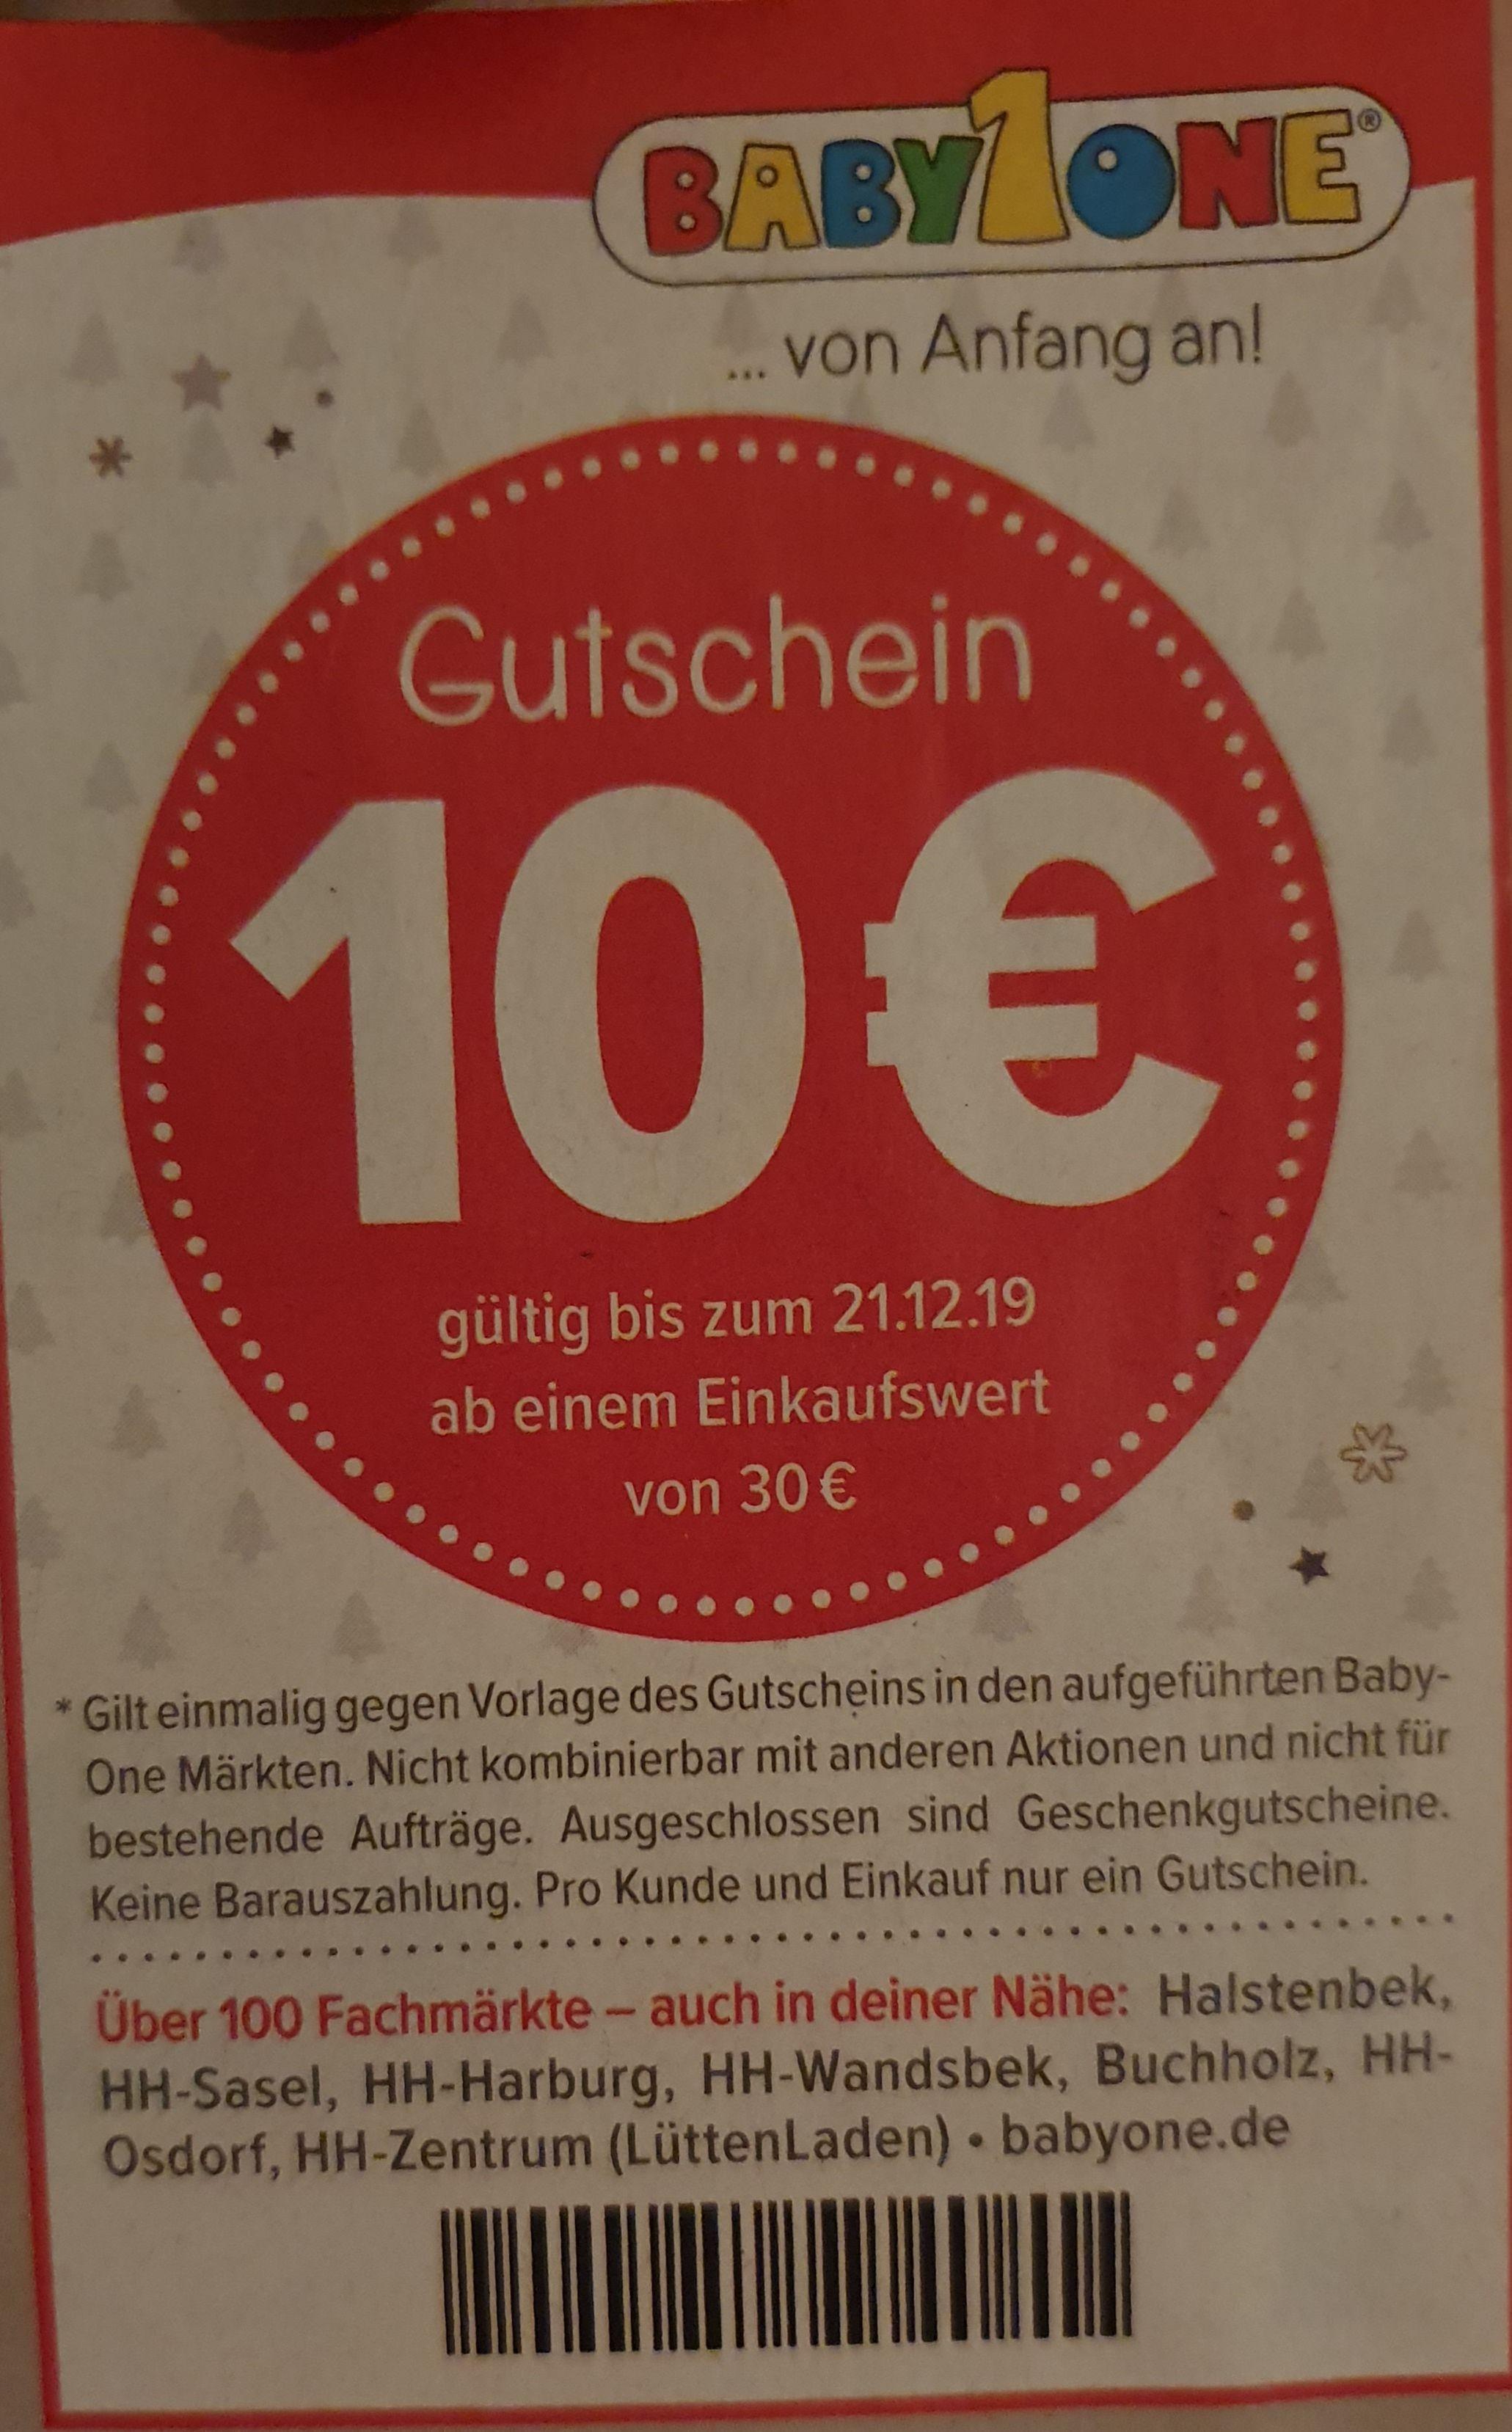 Bis 21.12. bei Babyone offline -10€ ab 30€ Einkaufswert